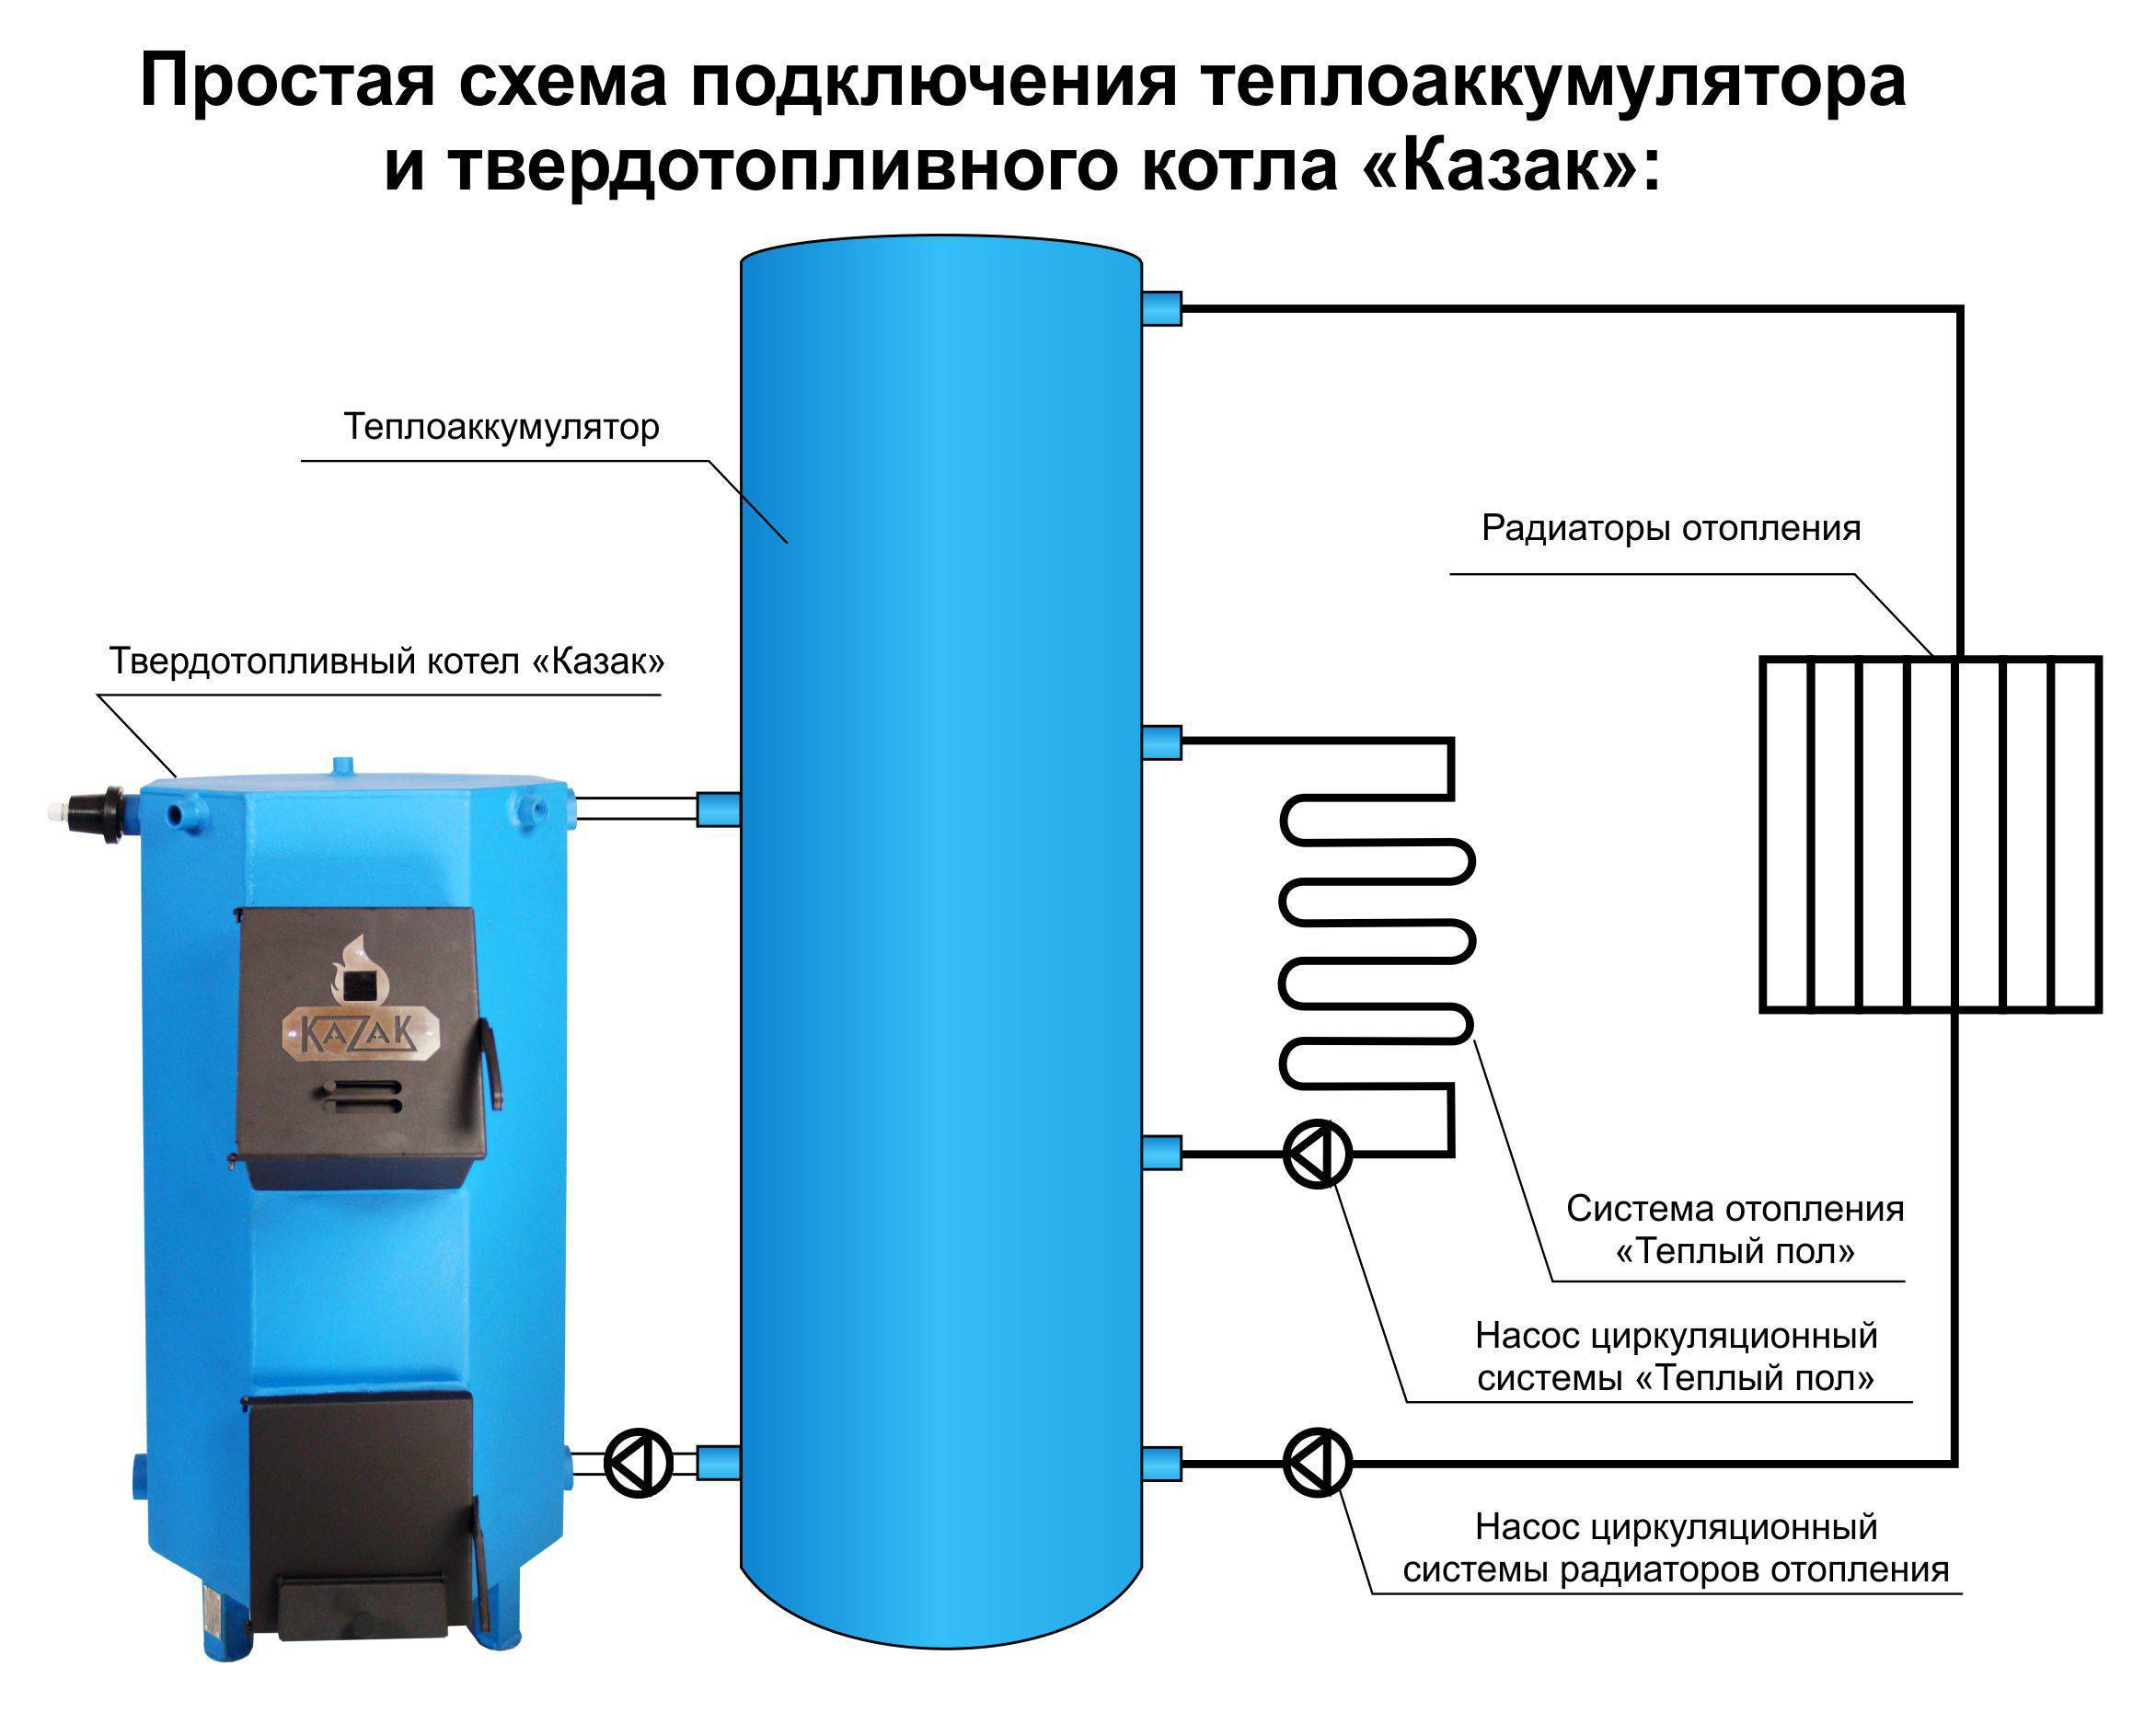 Теплоаккумулятор своими руками: размеры, материалы, утепление